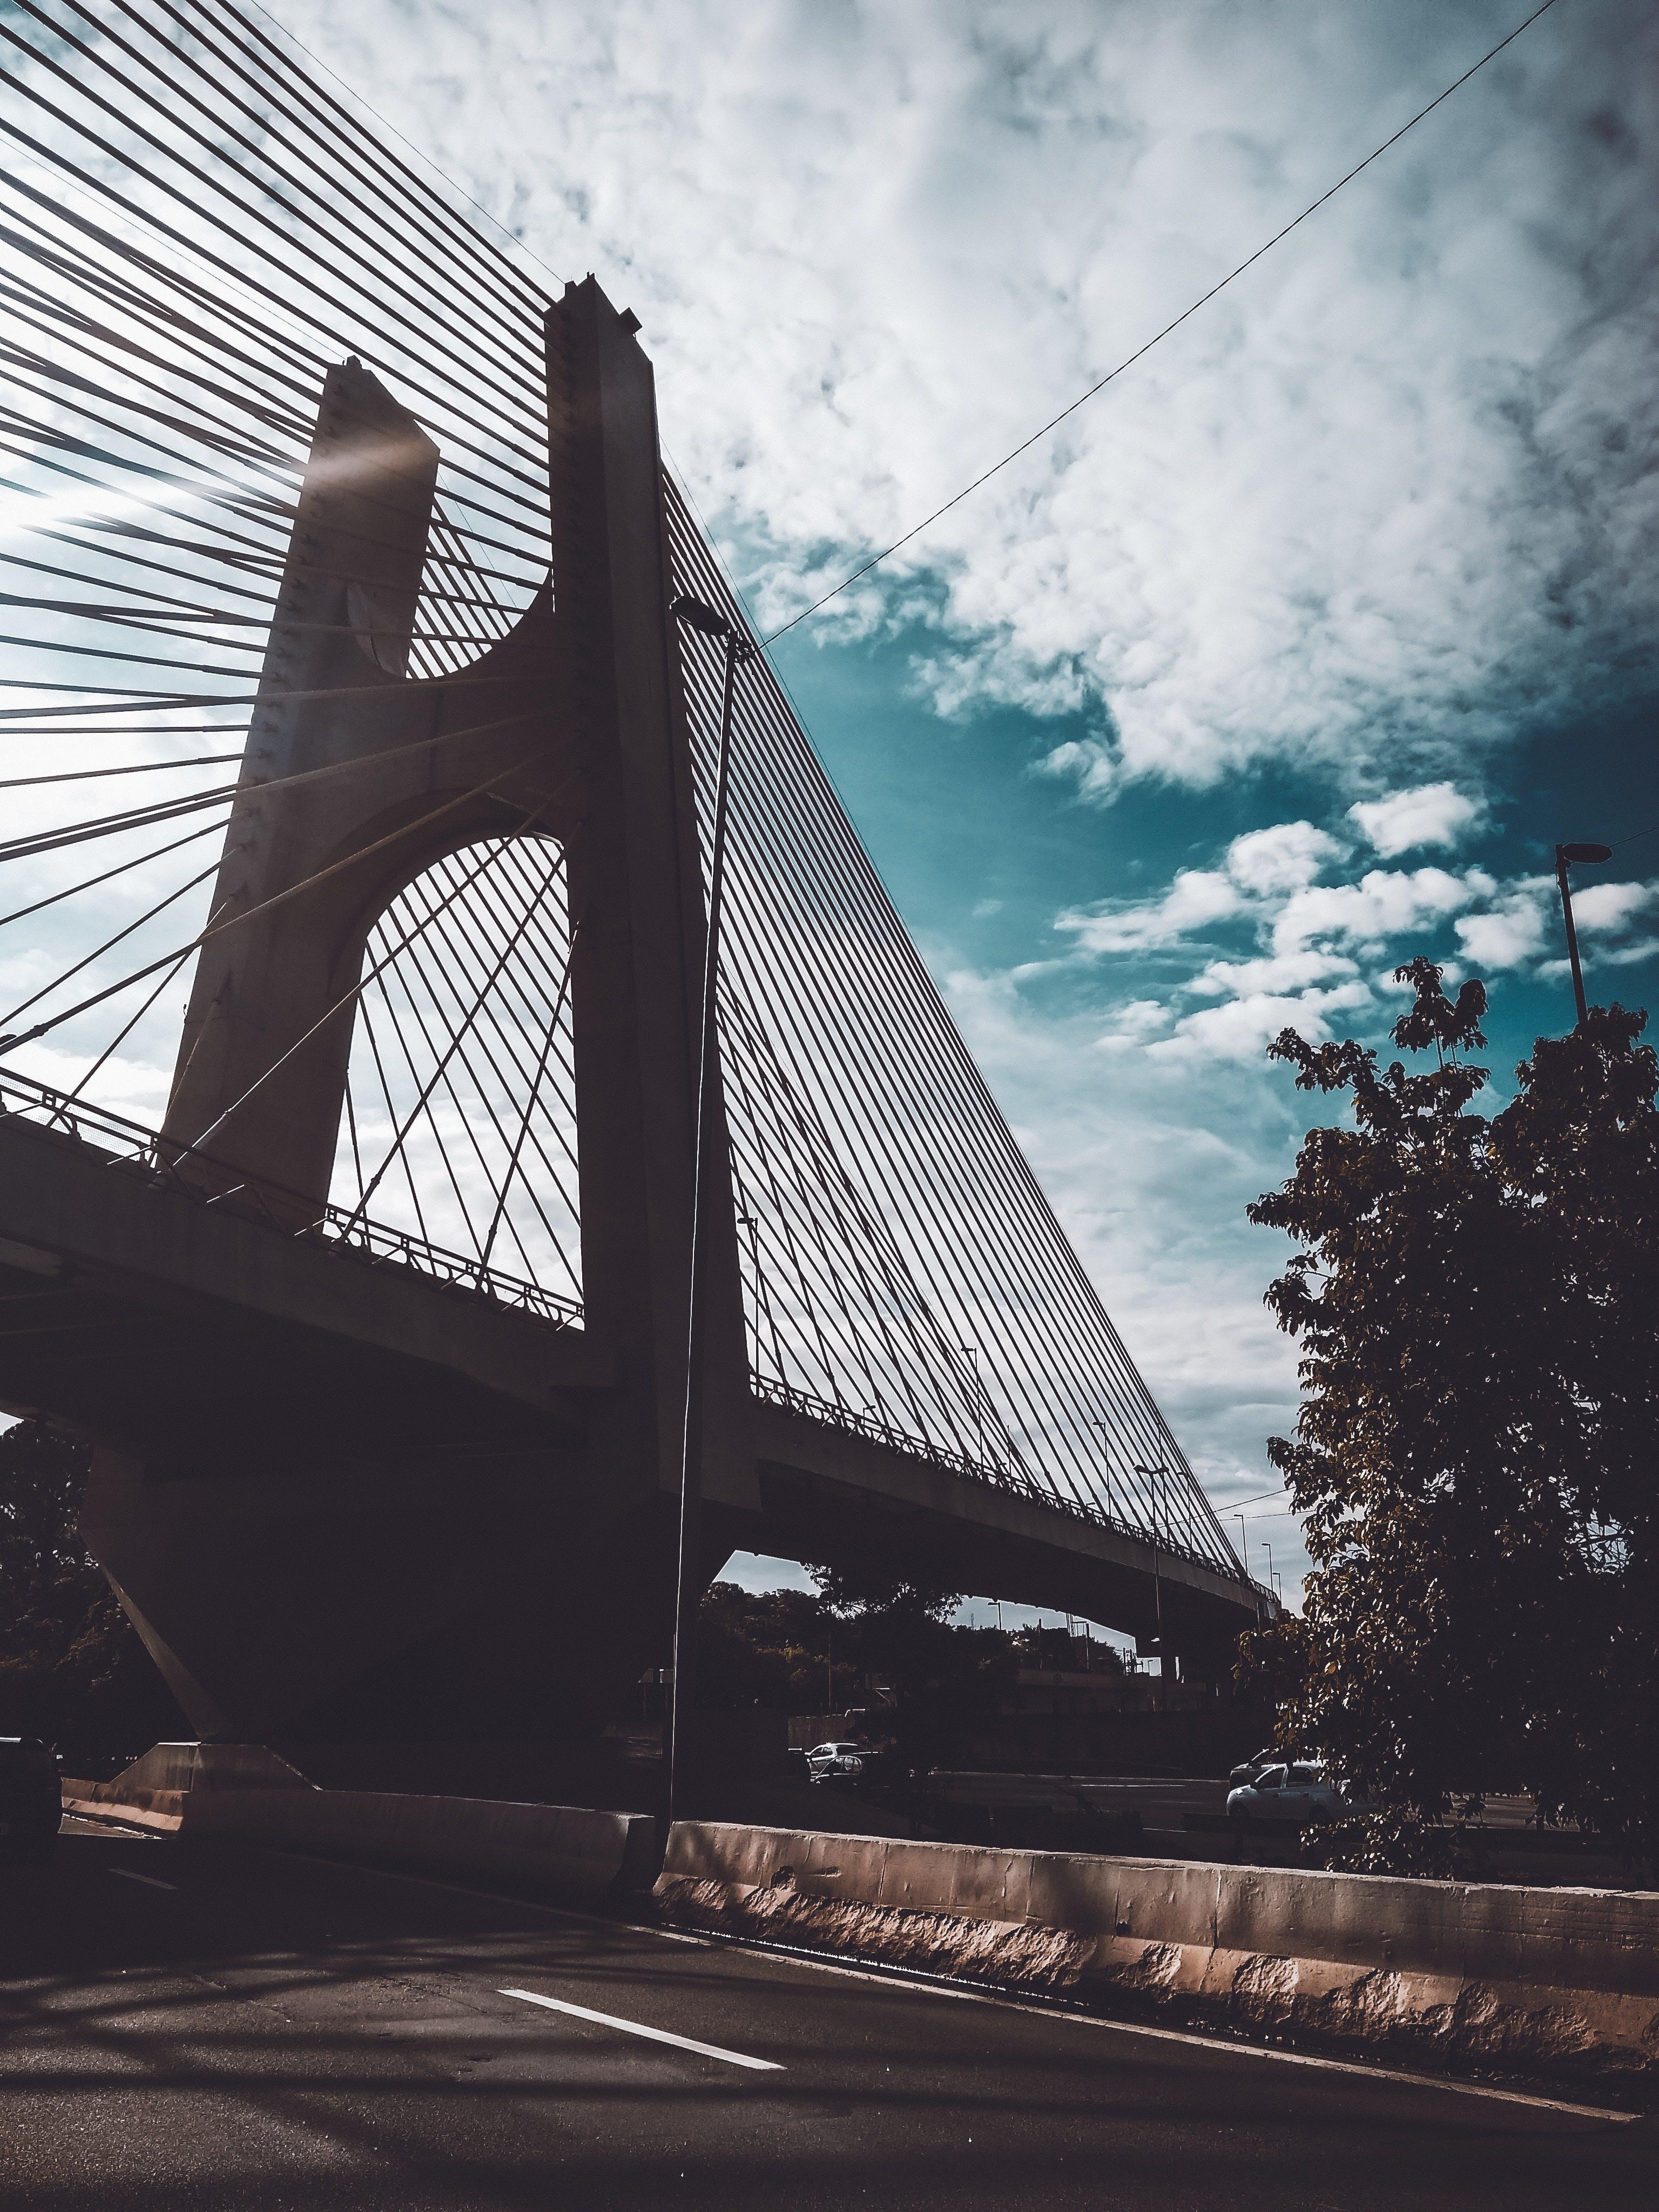 건축, 다리, 도로, 도시의 무료 스톡 사진